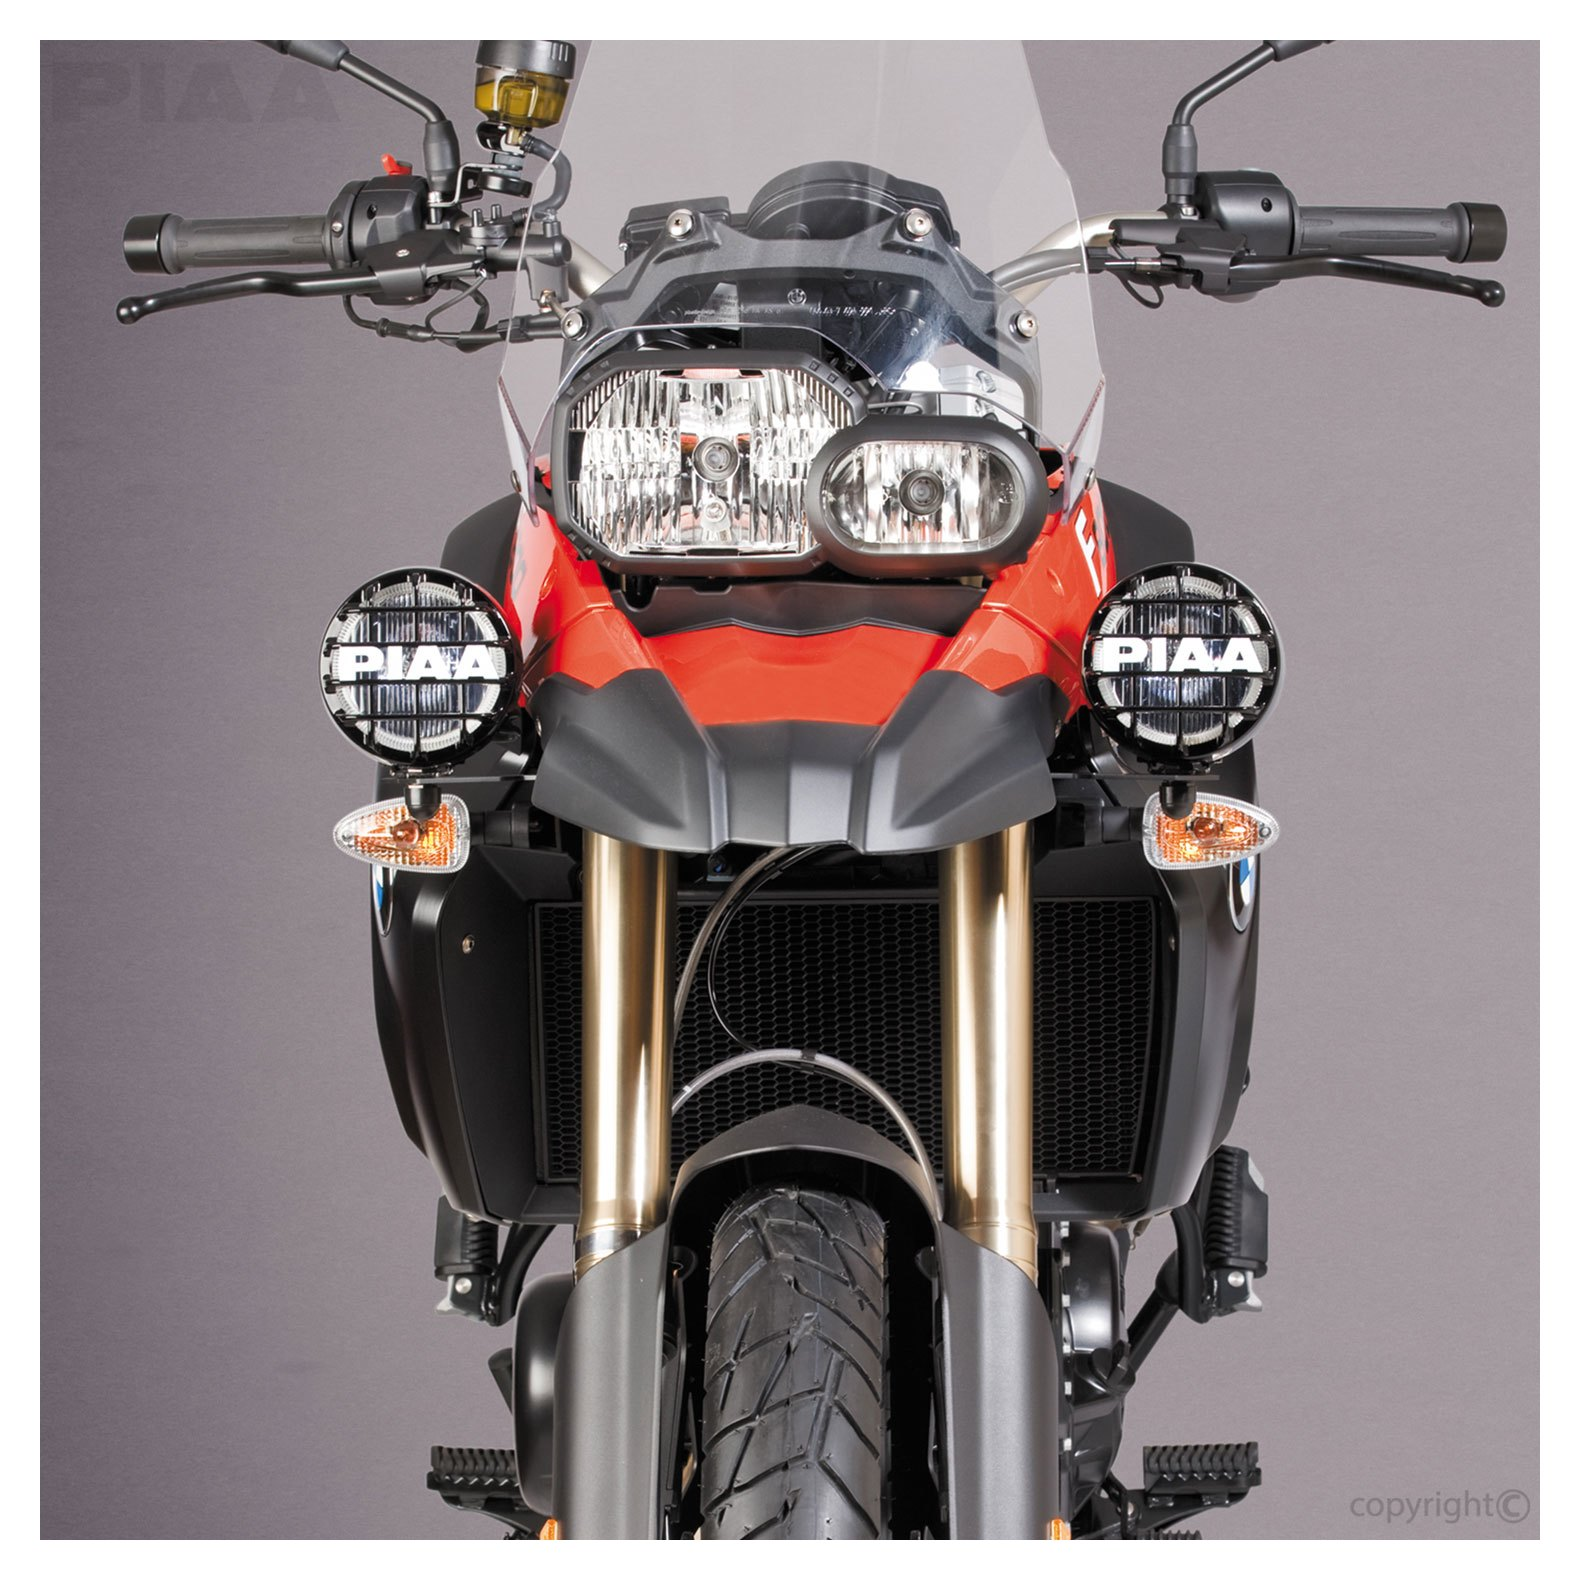 Surprising Piaa Motorcycle Lights Wiring Diagram Basic Electronics Wiring Diagram Wiring Cloud Ratagdienstapotheekhoekschewaardnl